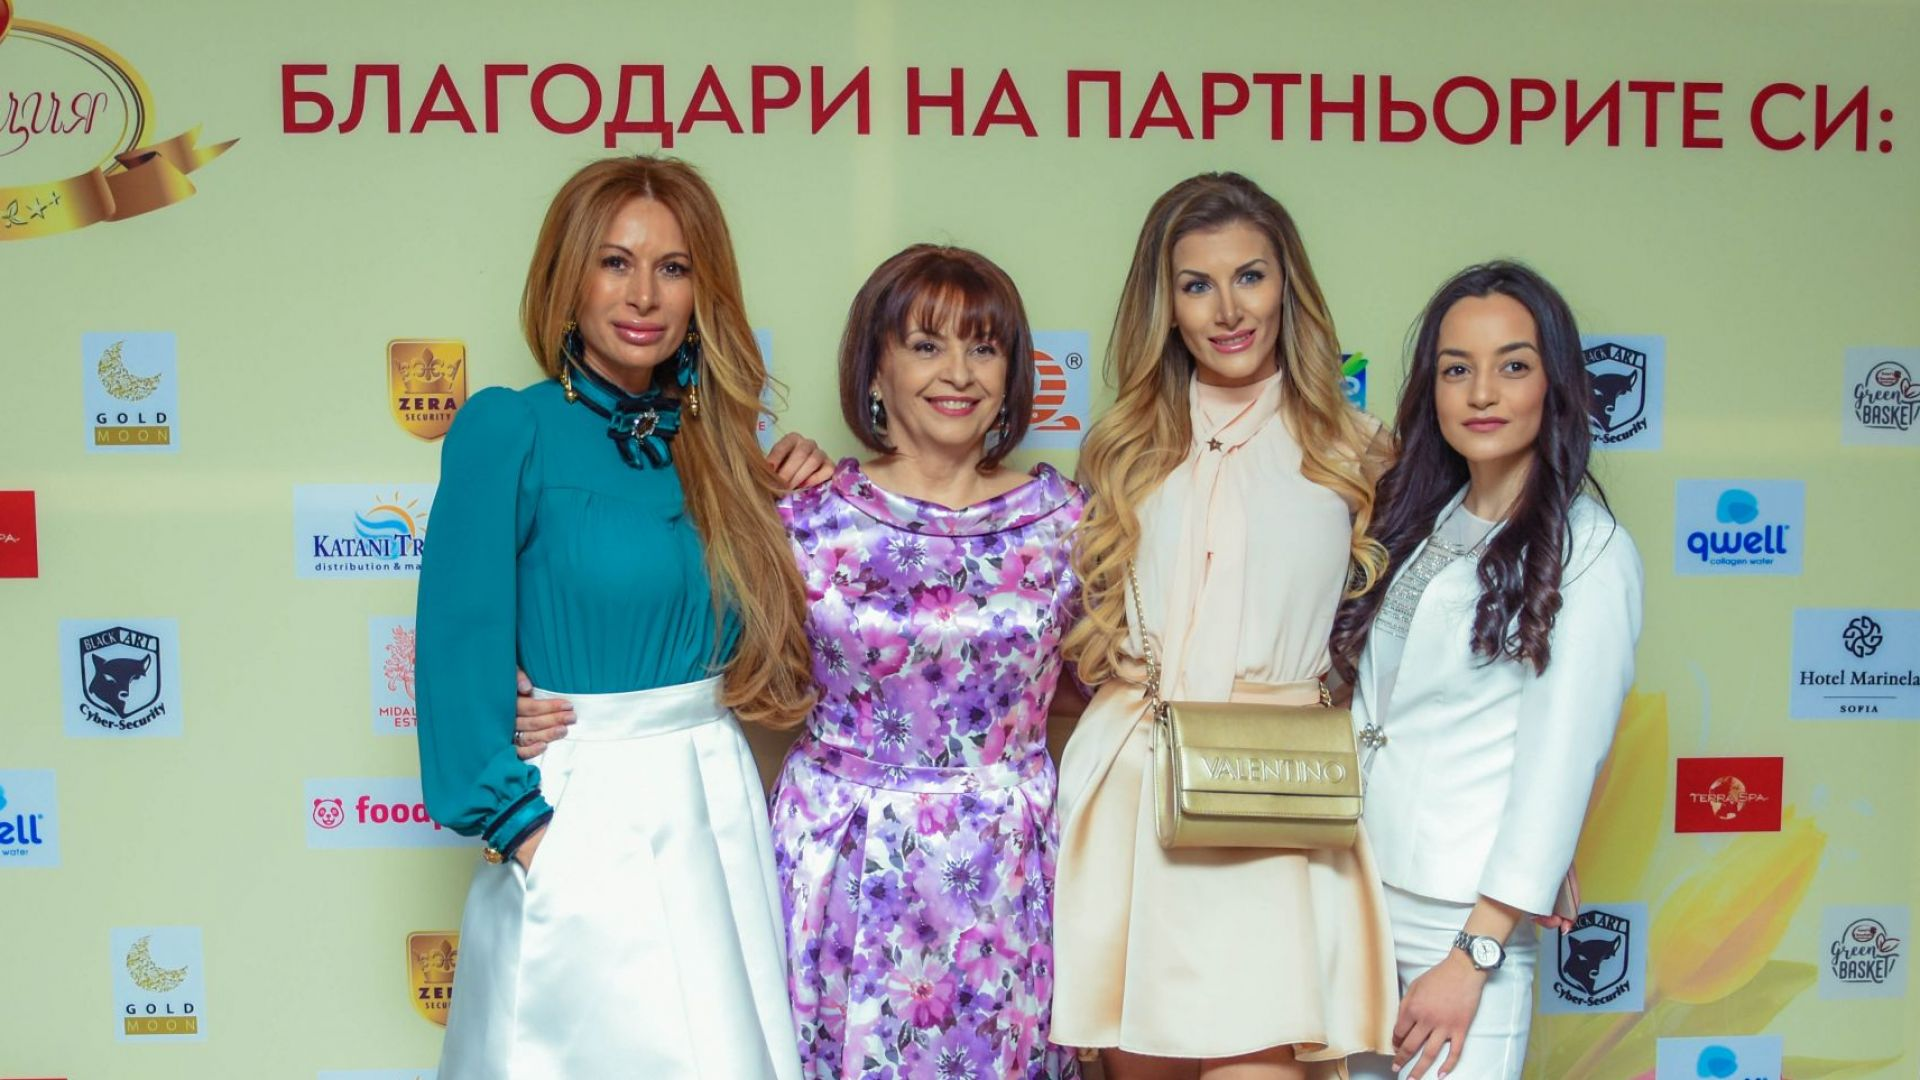 Миглена Ангелова с Катя и Ричард, Тамара Георгиева и и Елен Стоенчева